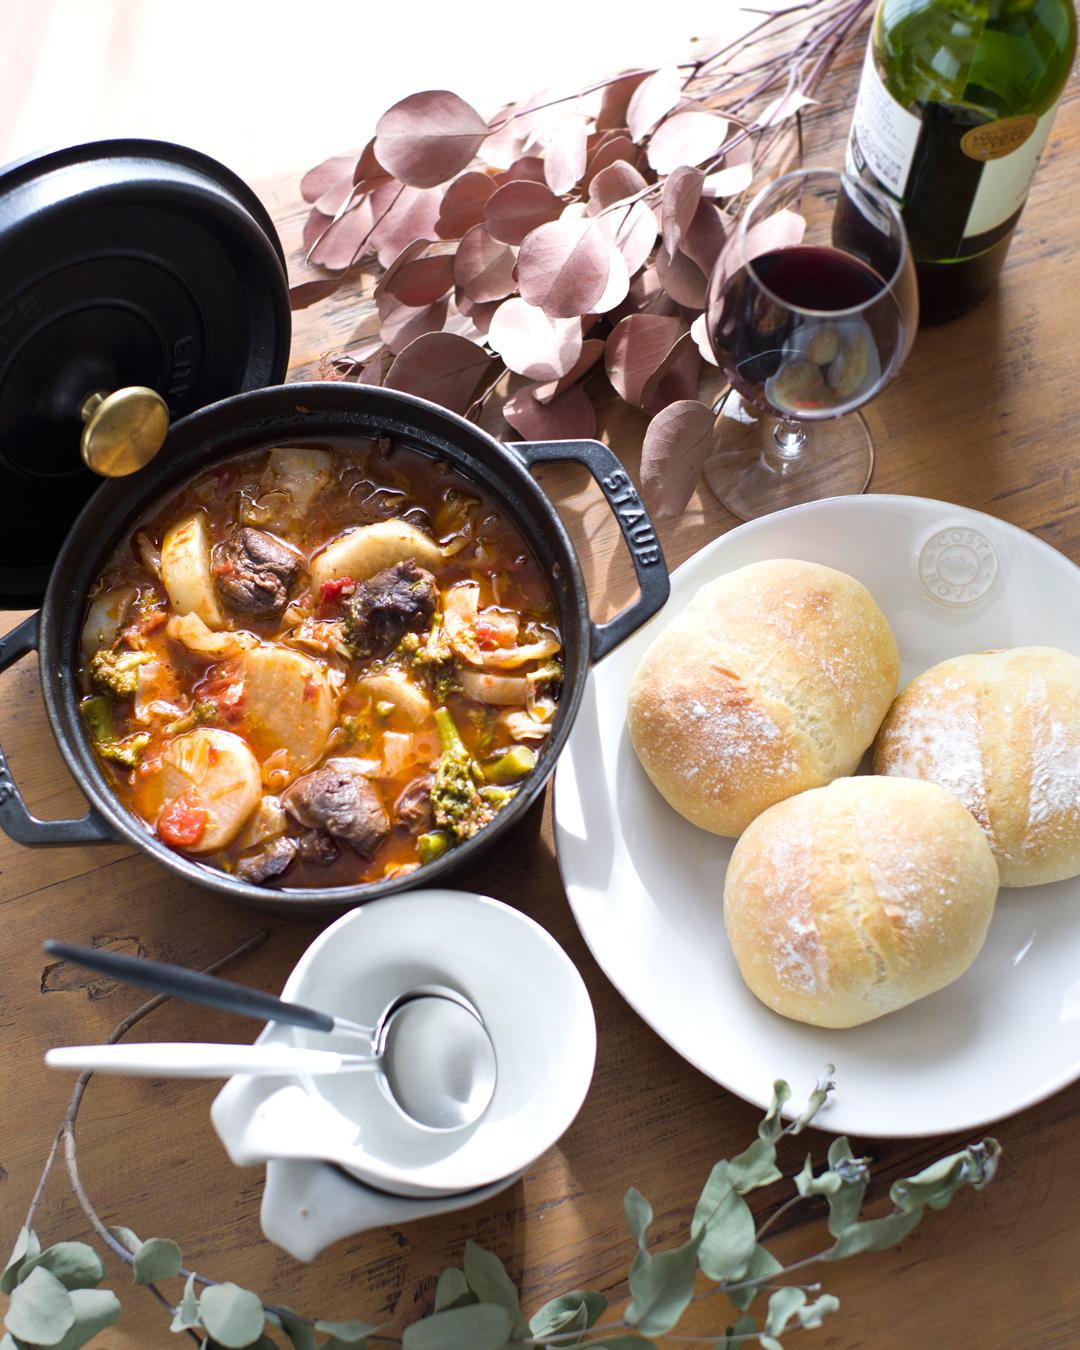 天然酵母パンと牛スネ肉のトマトスープ